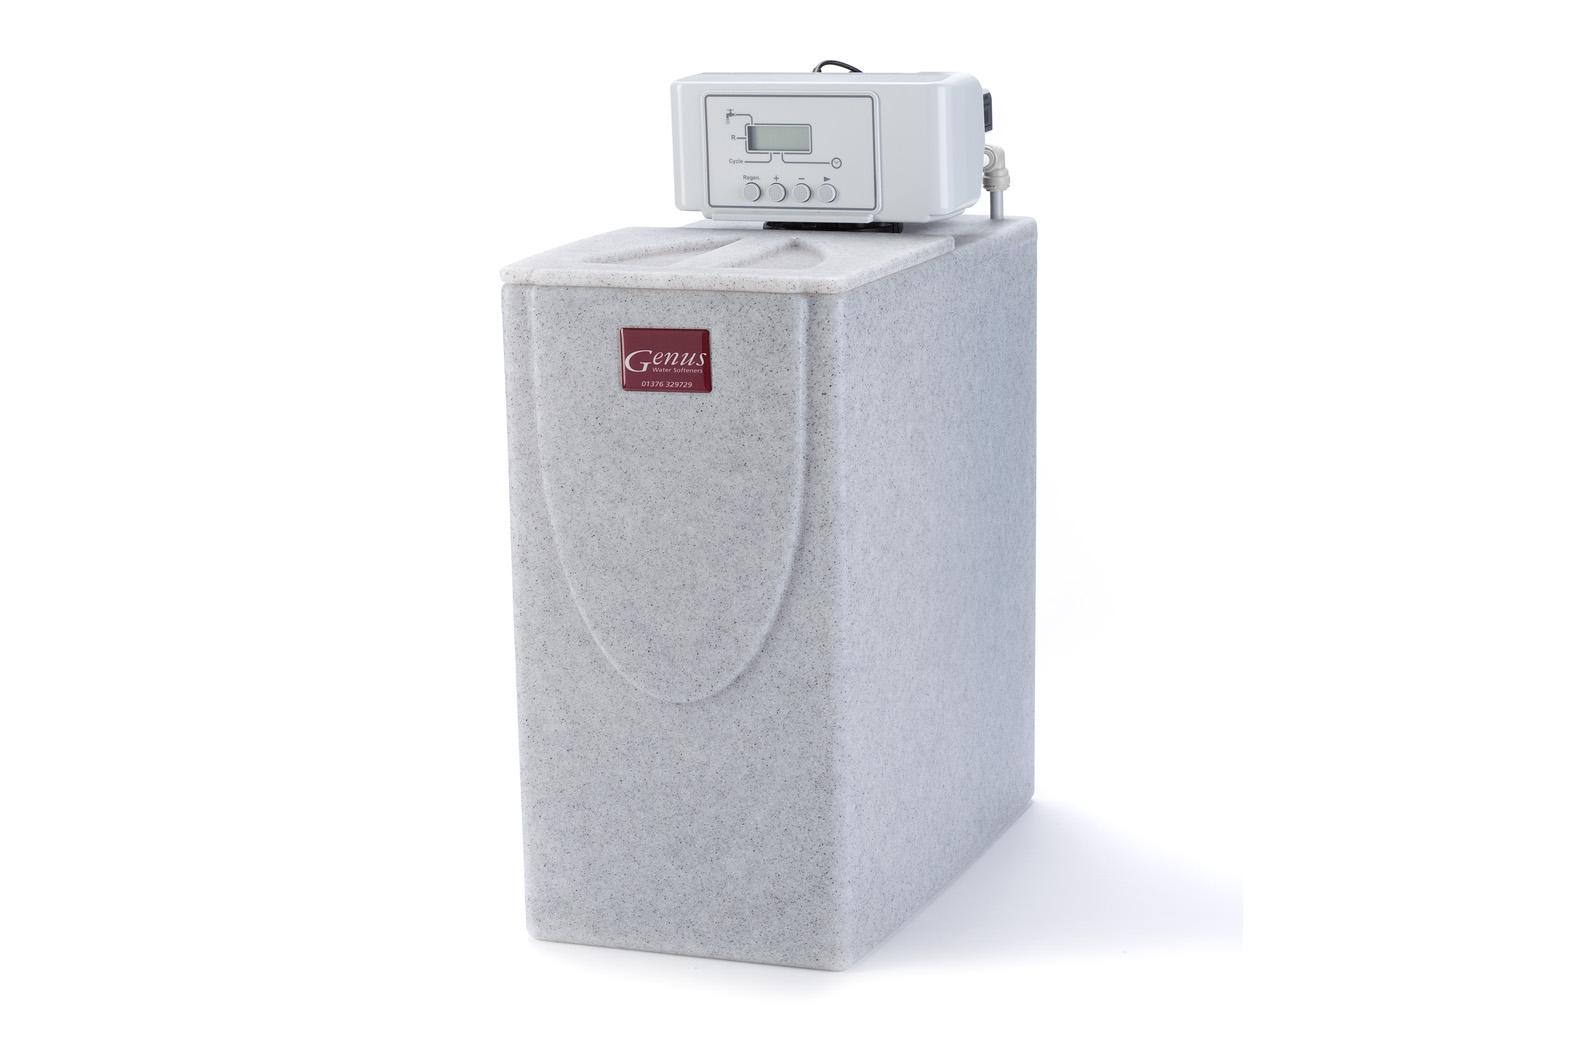 Genus CA 100 water softener